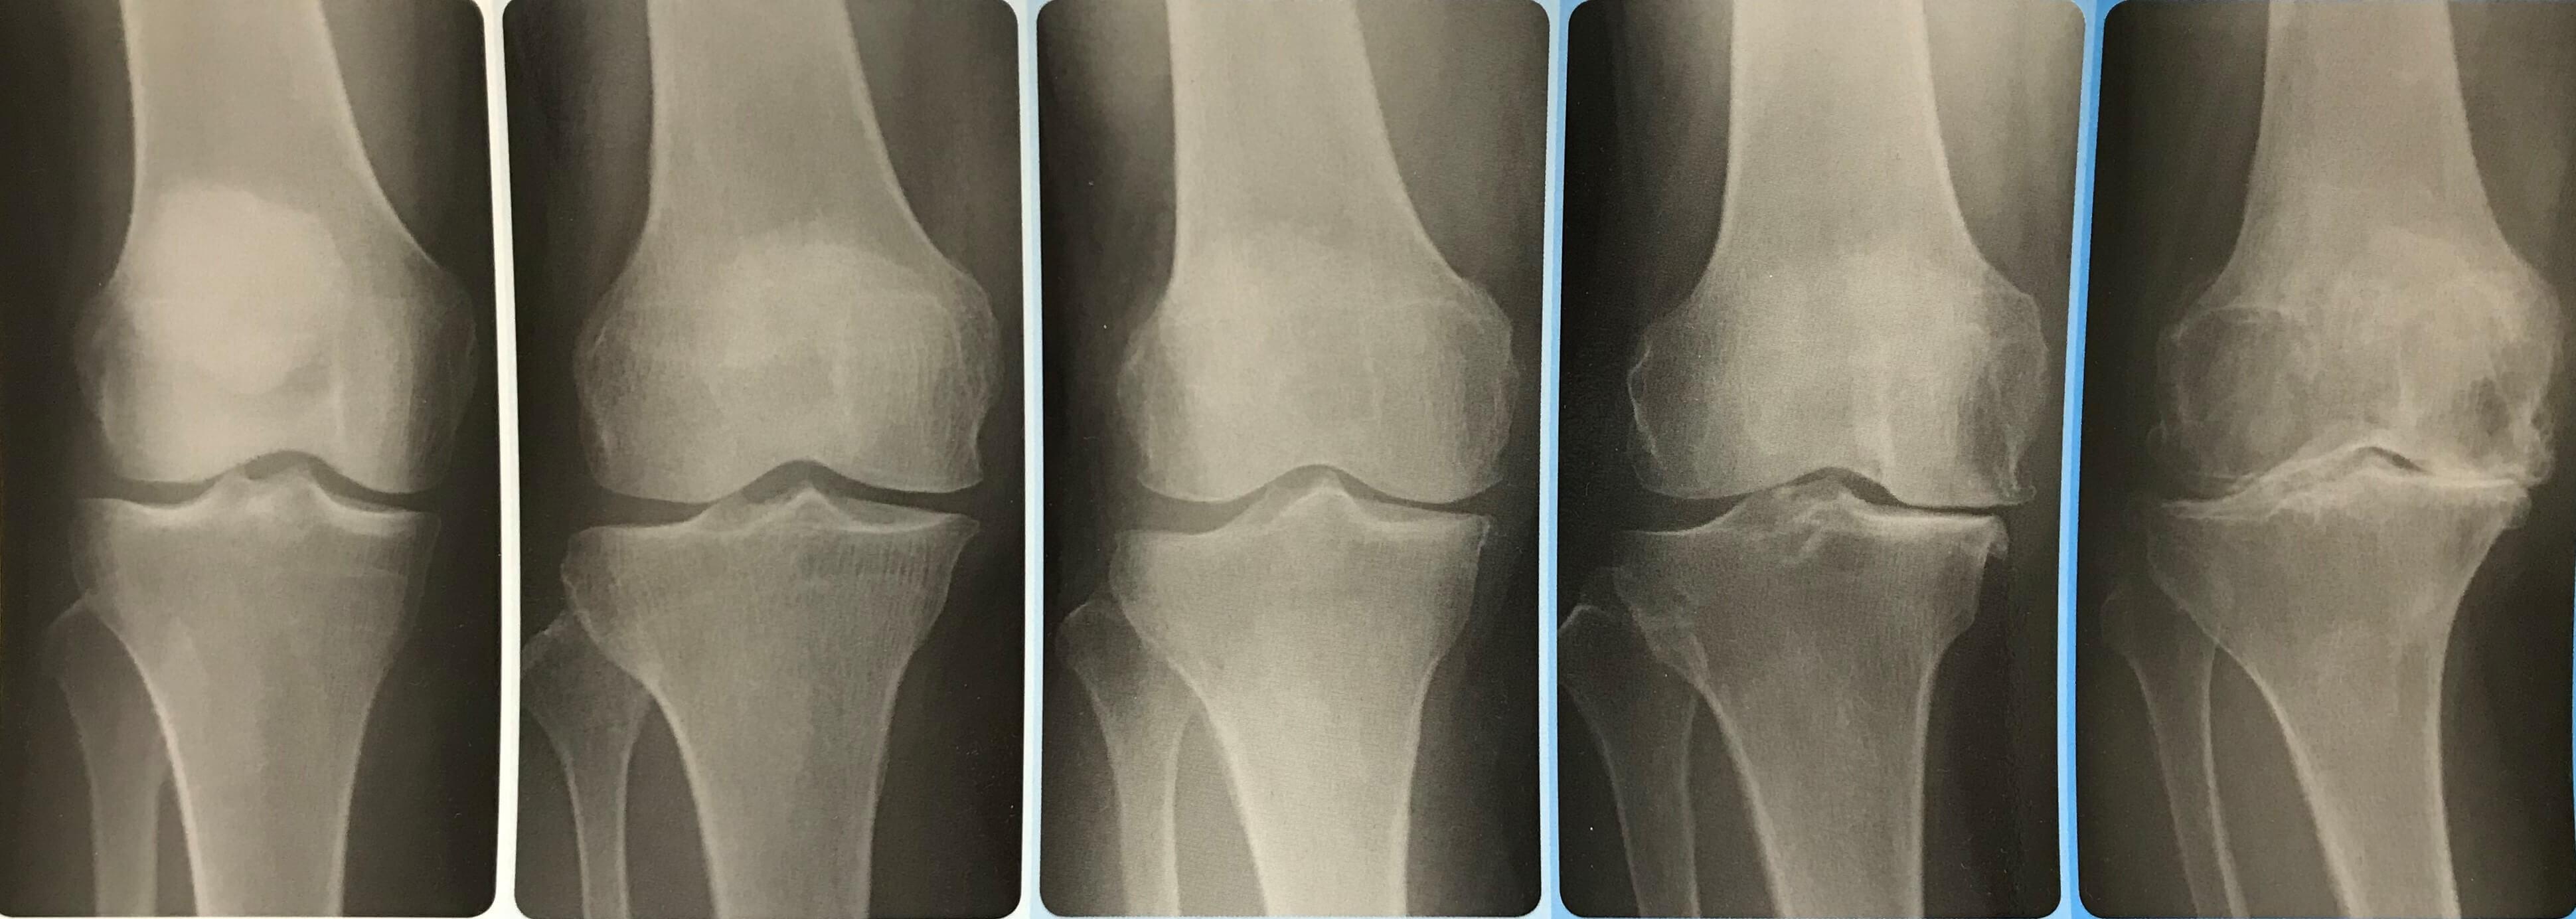 変形性膝関節症の病期分類